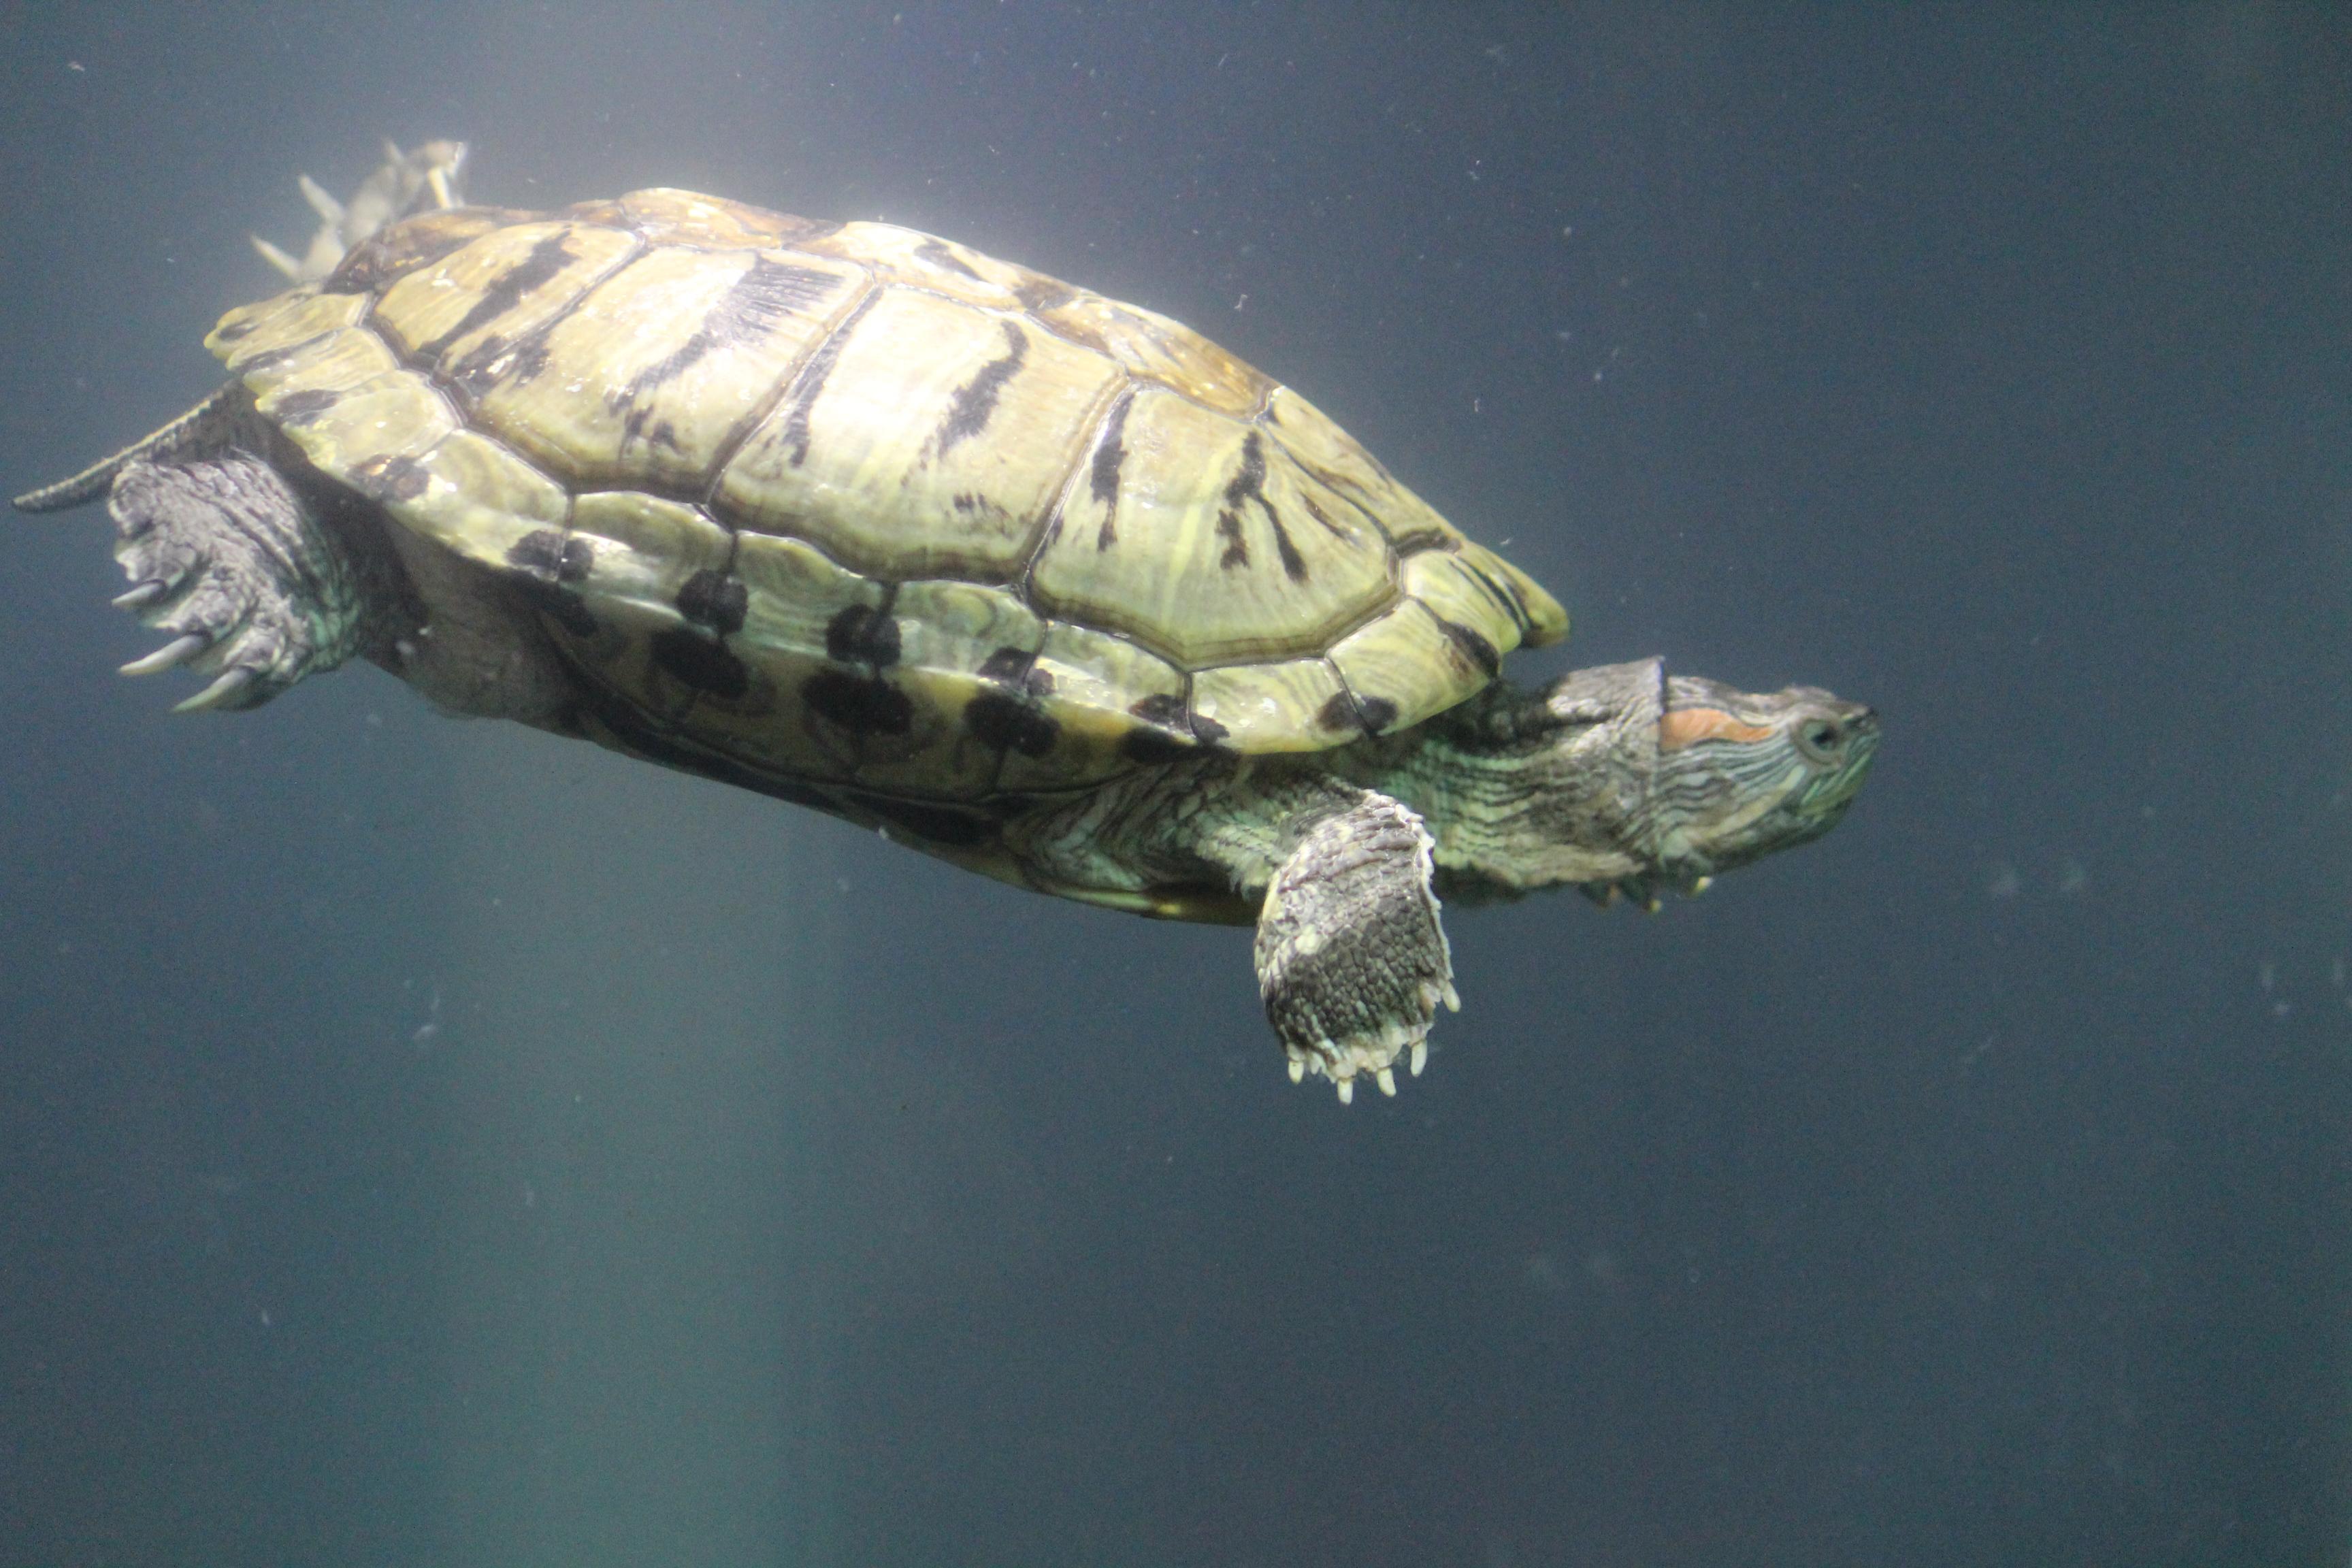 Turtle Tortoise Fish Tank : Public Domain Pictures